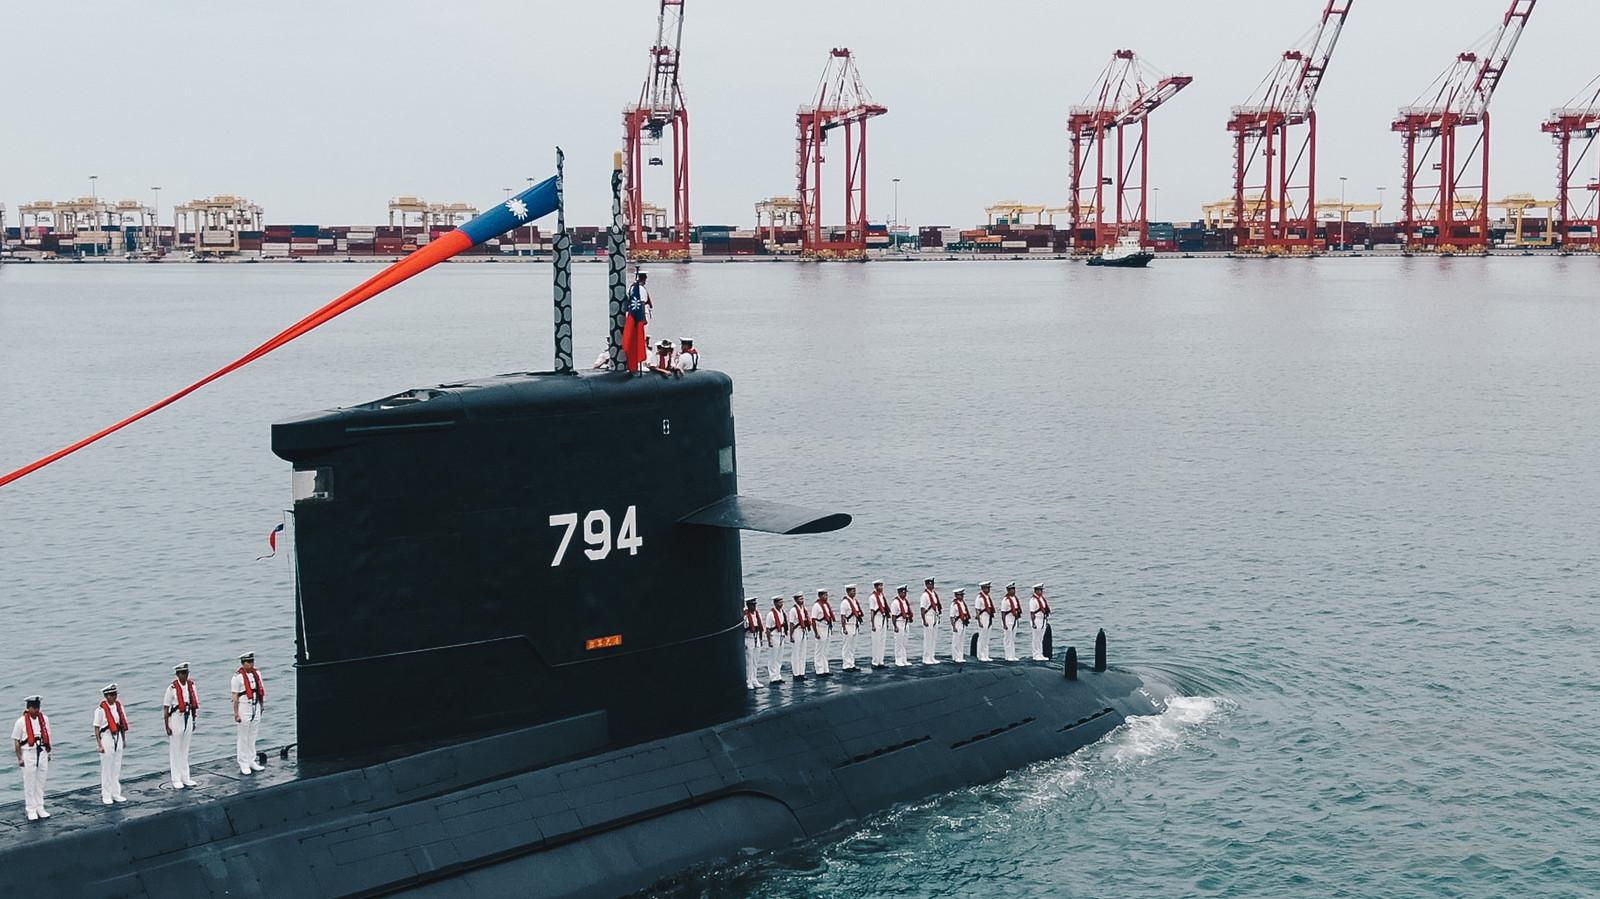 Een Taiwanese onderzeeër van Nederlandse makelij vaart voorbij tijdens een ceremonie na de eerstesteenlegging van een nieuwe scheepswerf. Deze moet vanaf 2024 eigen duikboten opleveren.  (Foto uit mei 2019). De Taiwanese marine beschikt momenteel over vier onderzeeërs.